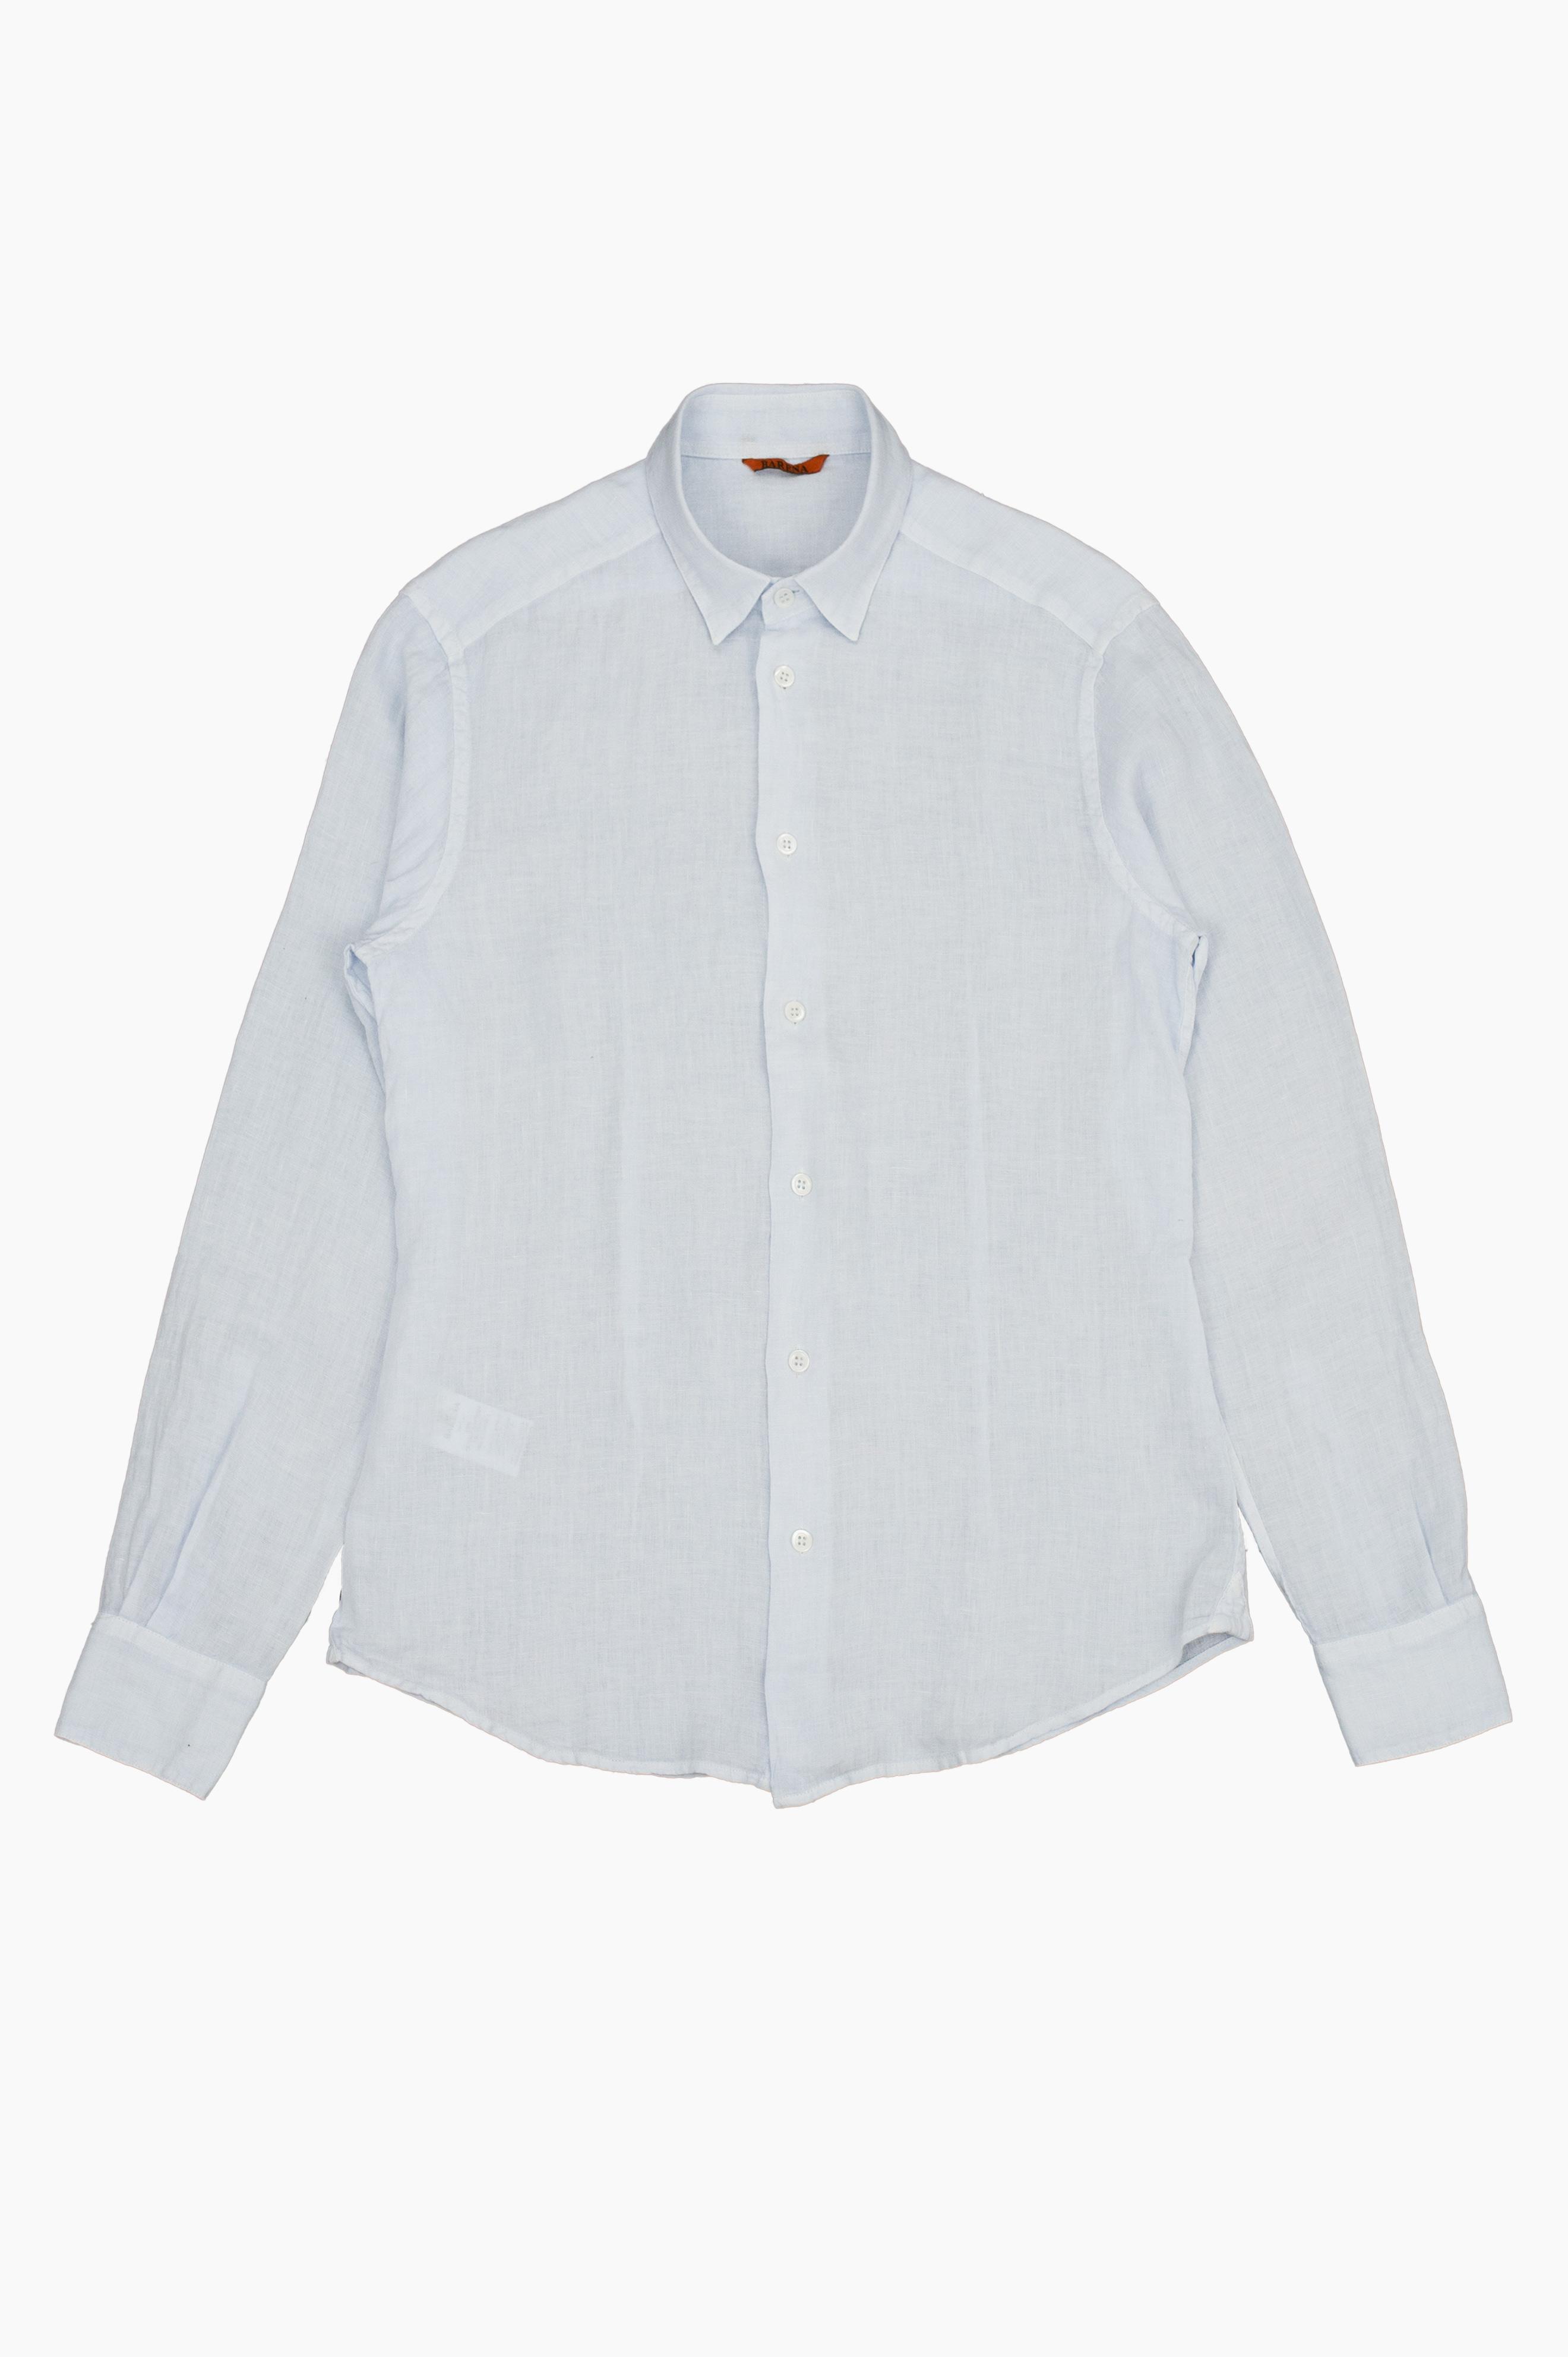 Coppi Shirt Sky Blue